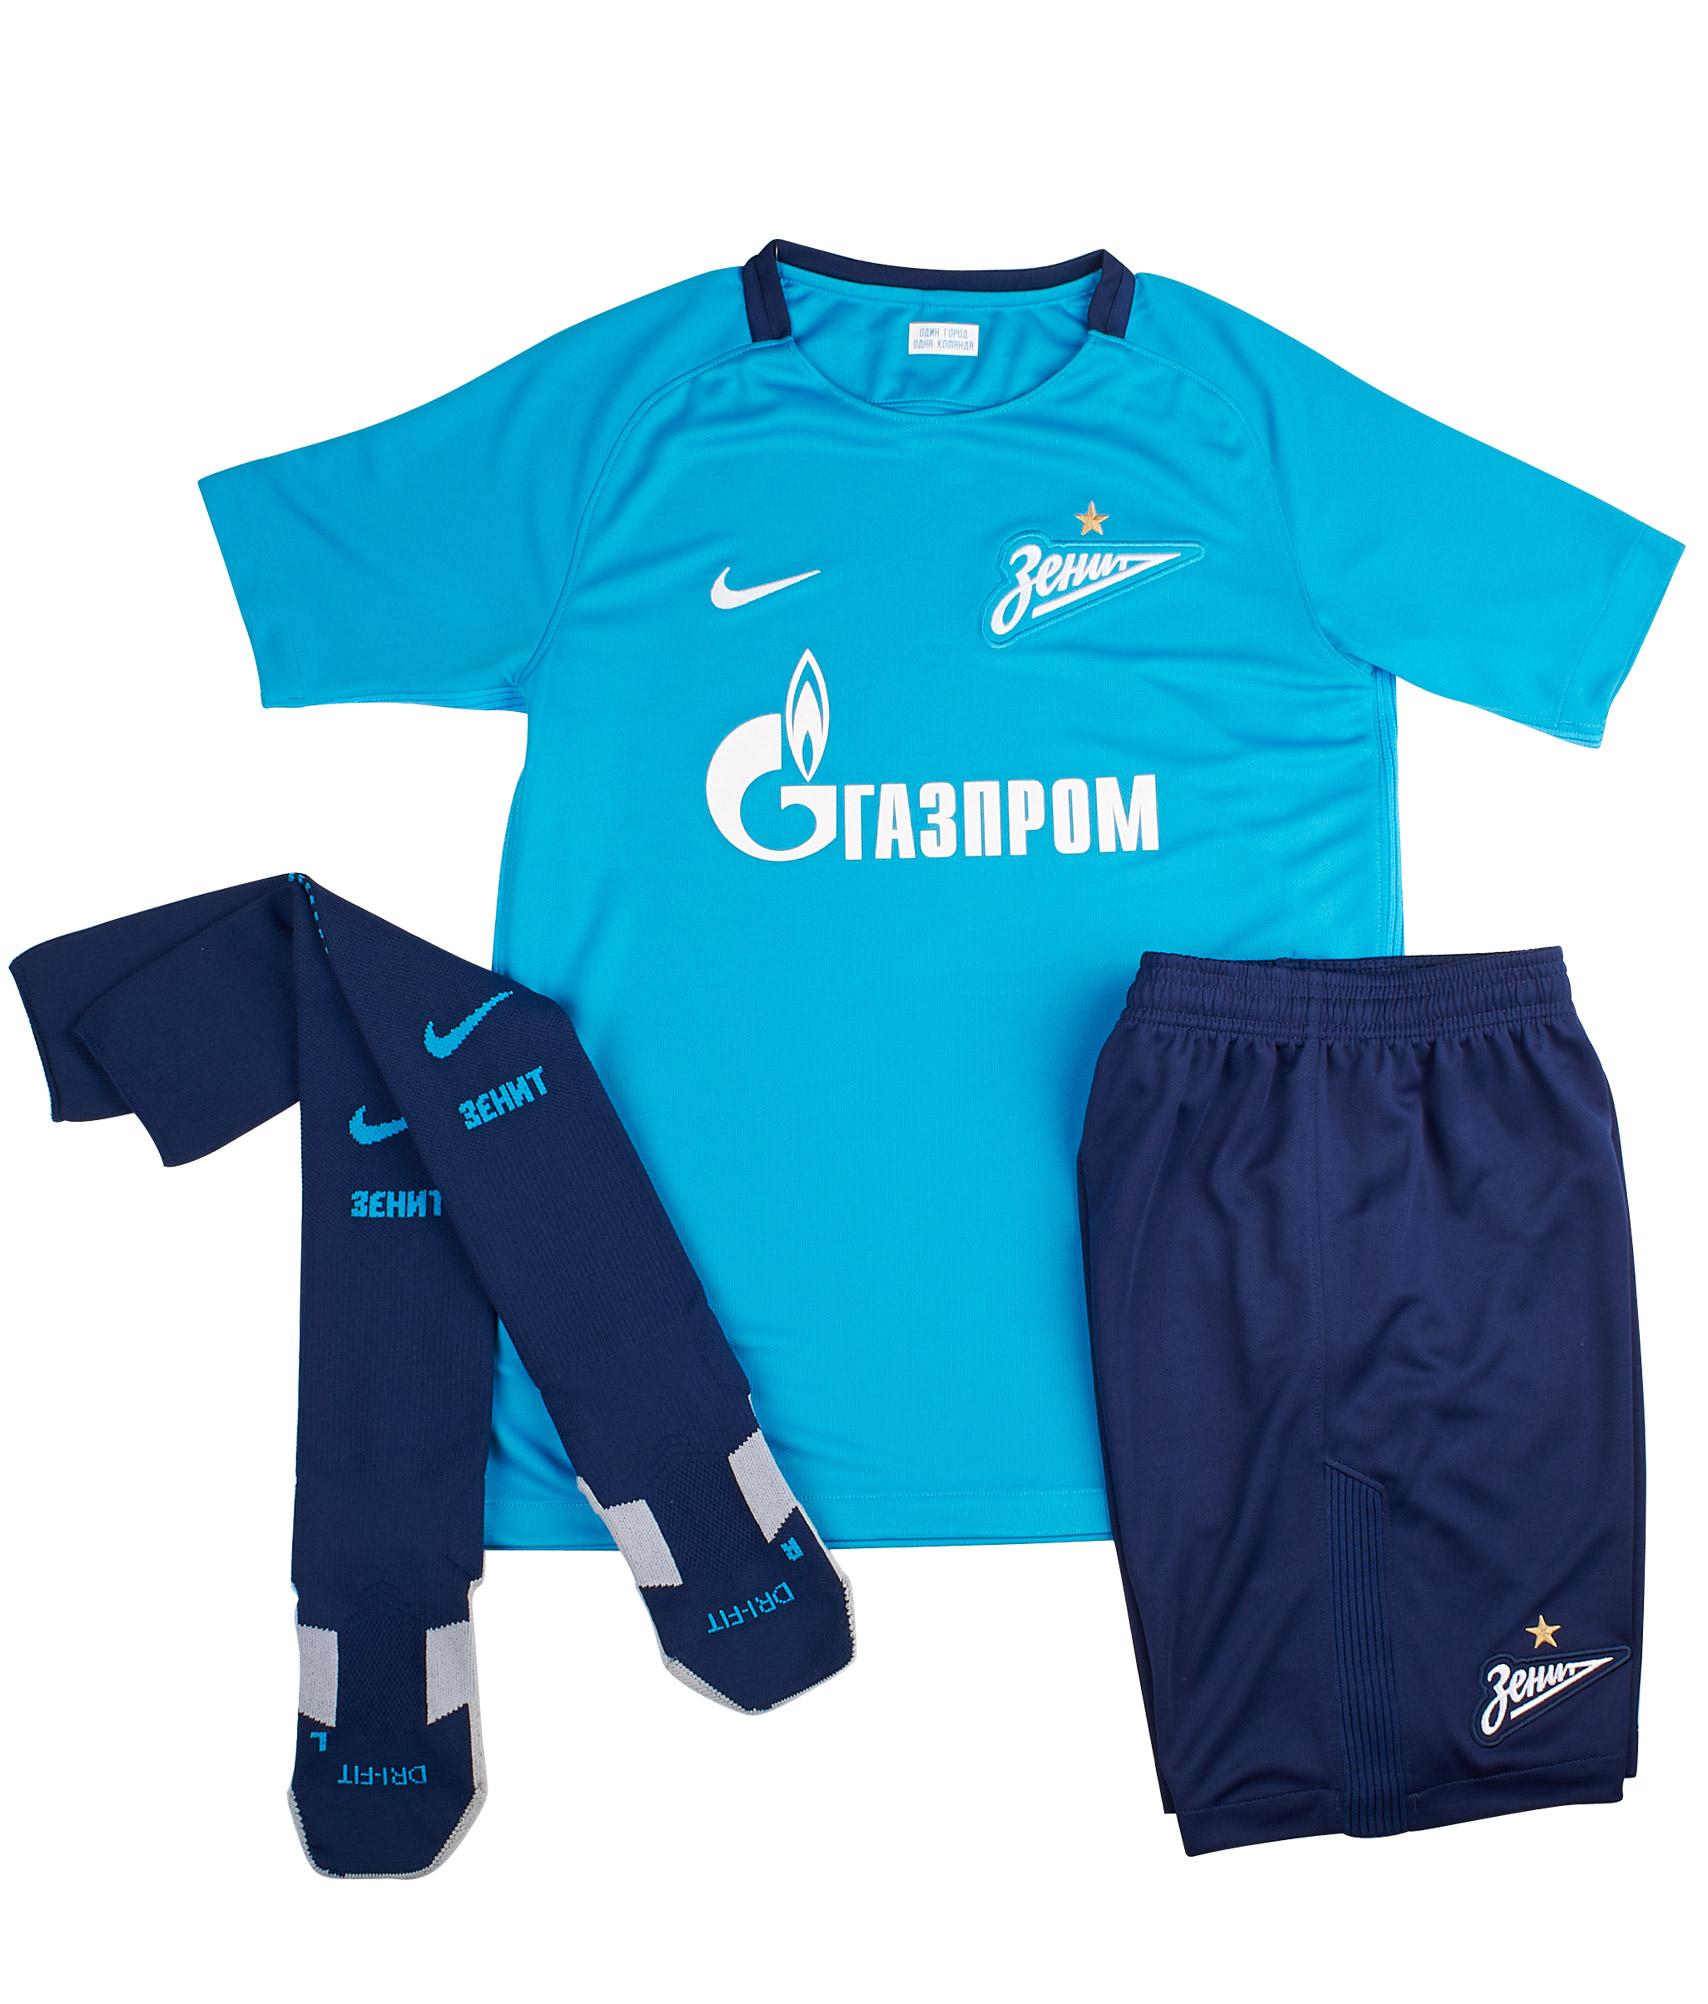 Комплект подростковой домашней формы Nike «Зенит» Зенит футболка зенит со своей фамилией